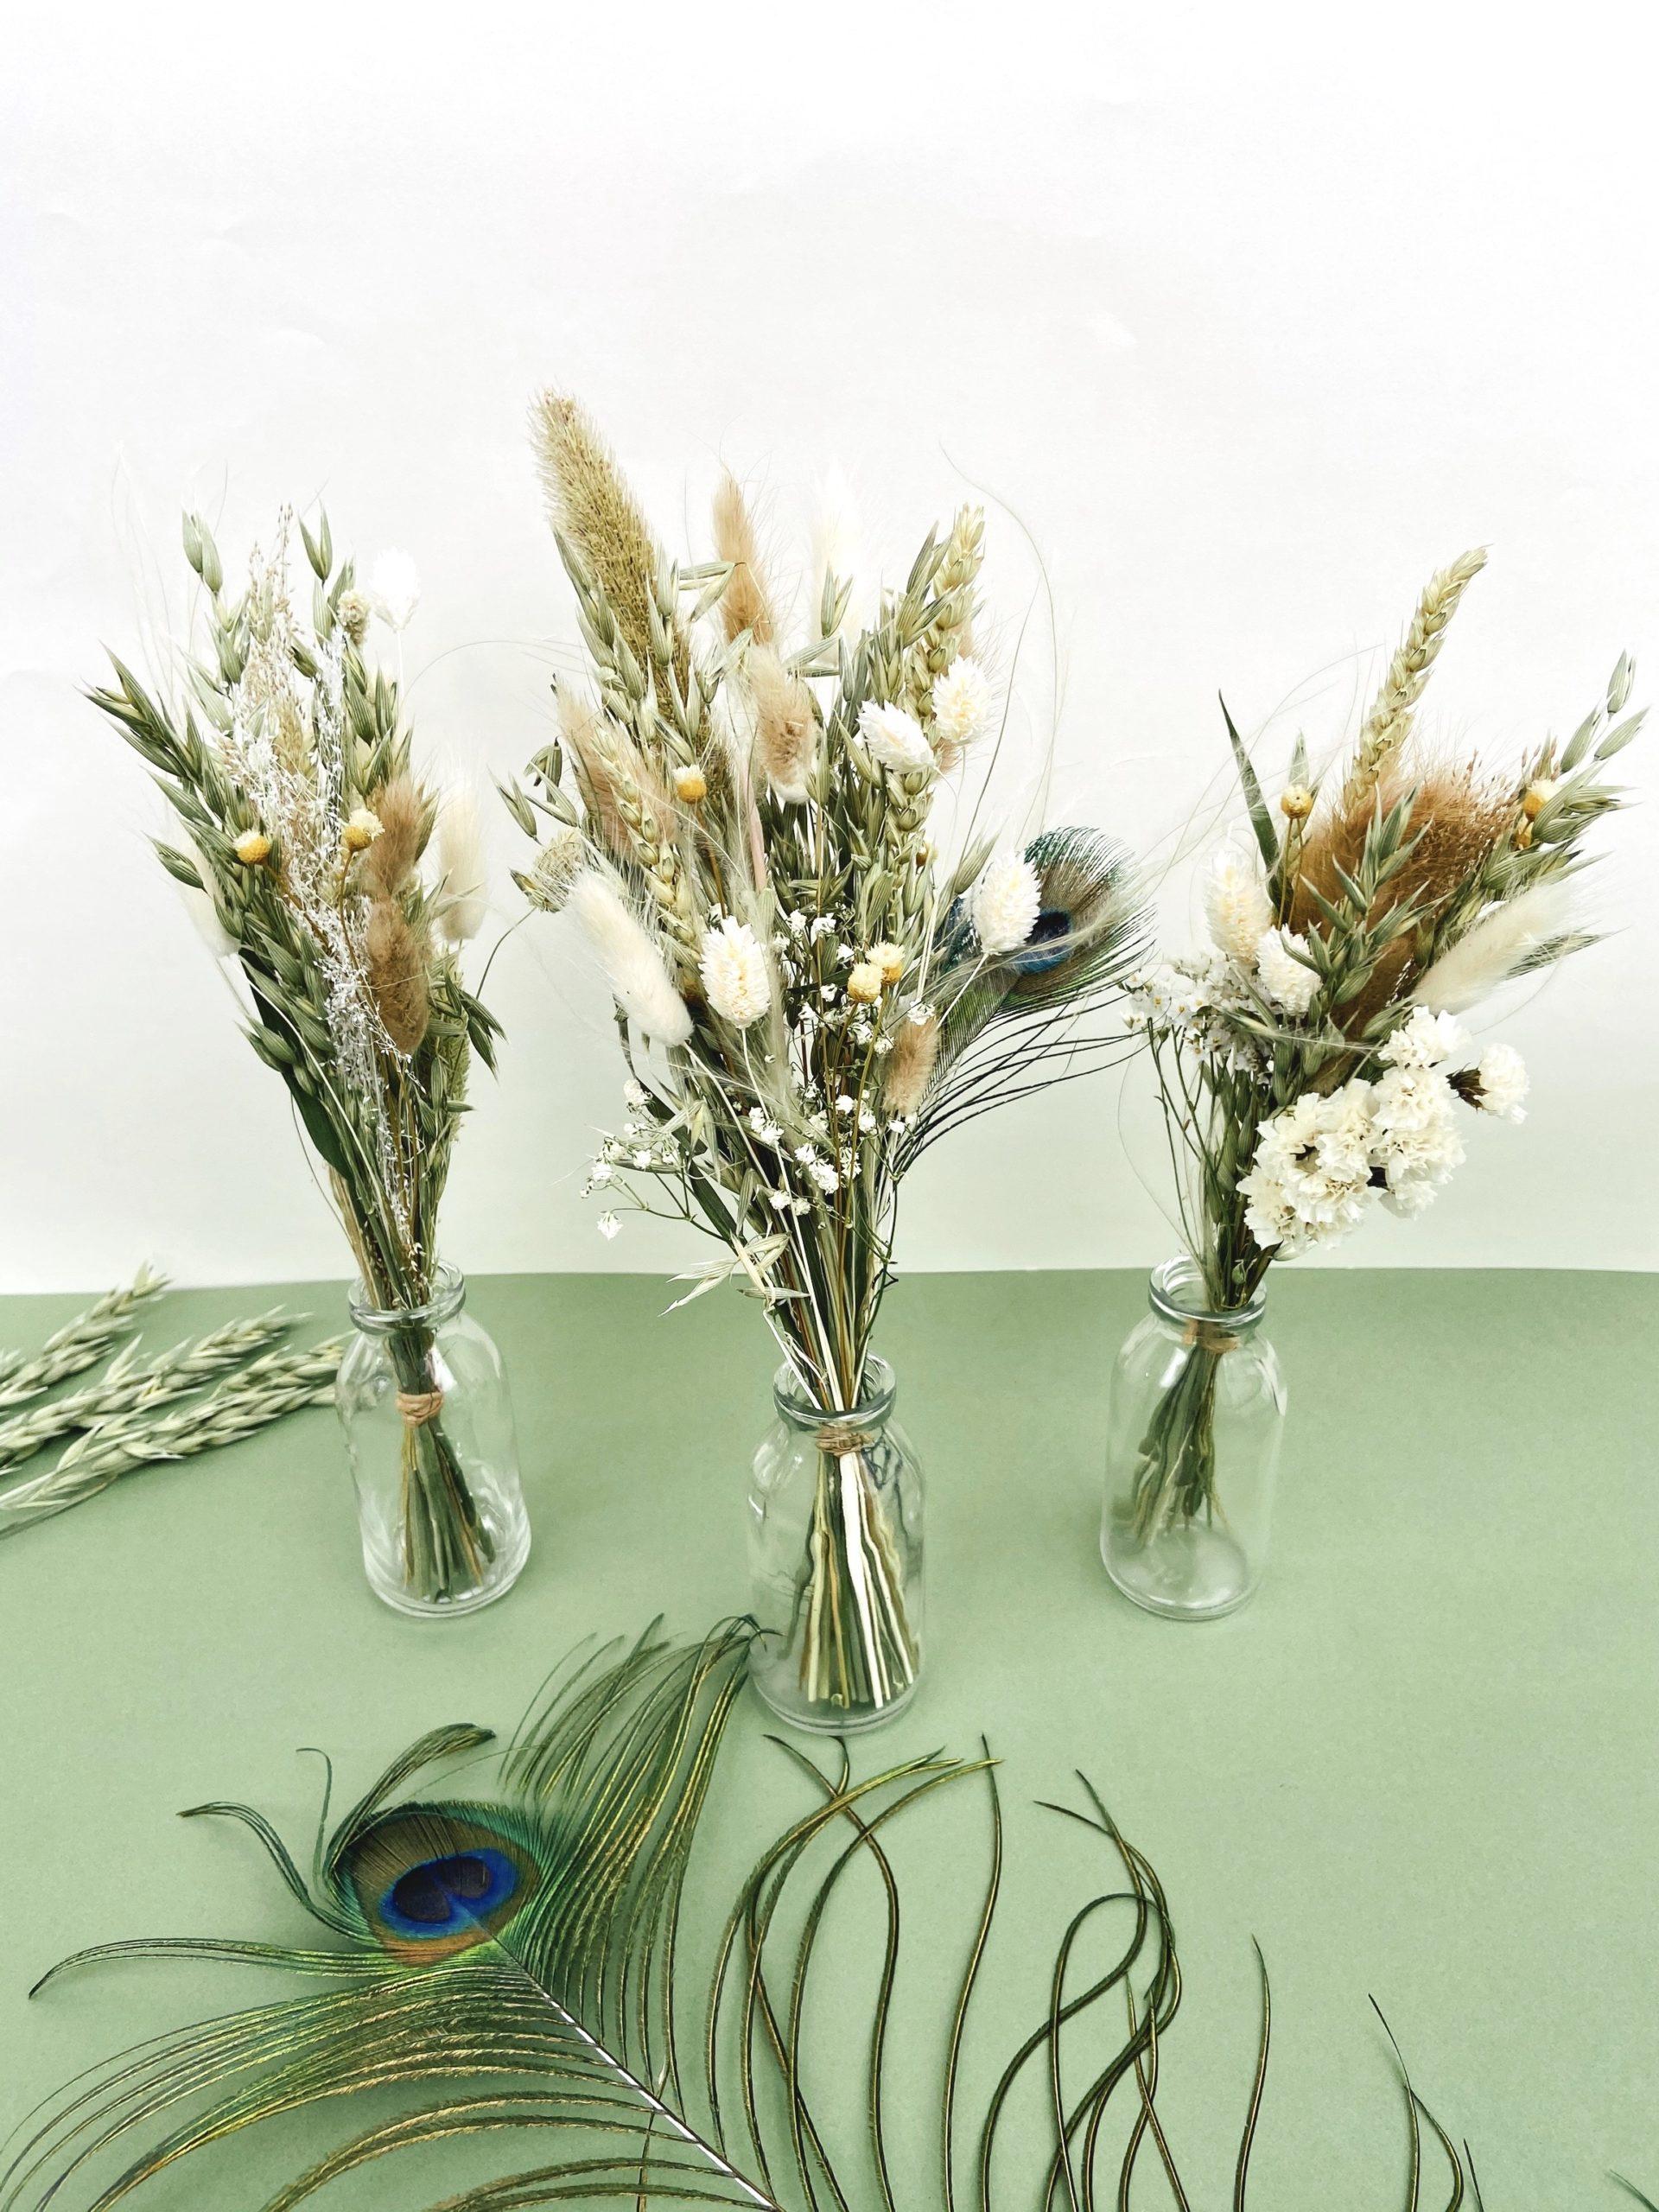 Vente Bouquet Fleurs Sechees Rennes Boutique En Ligne Fleuriste